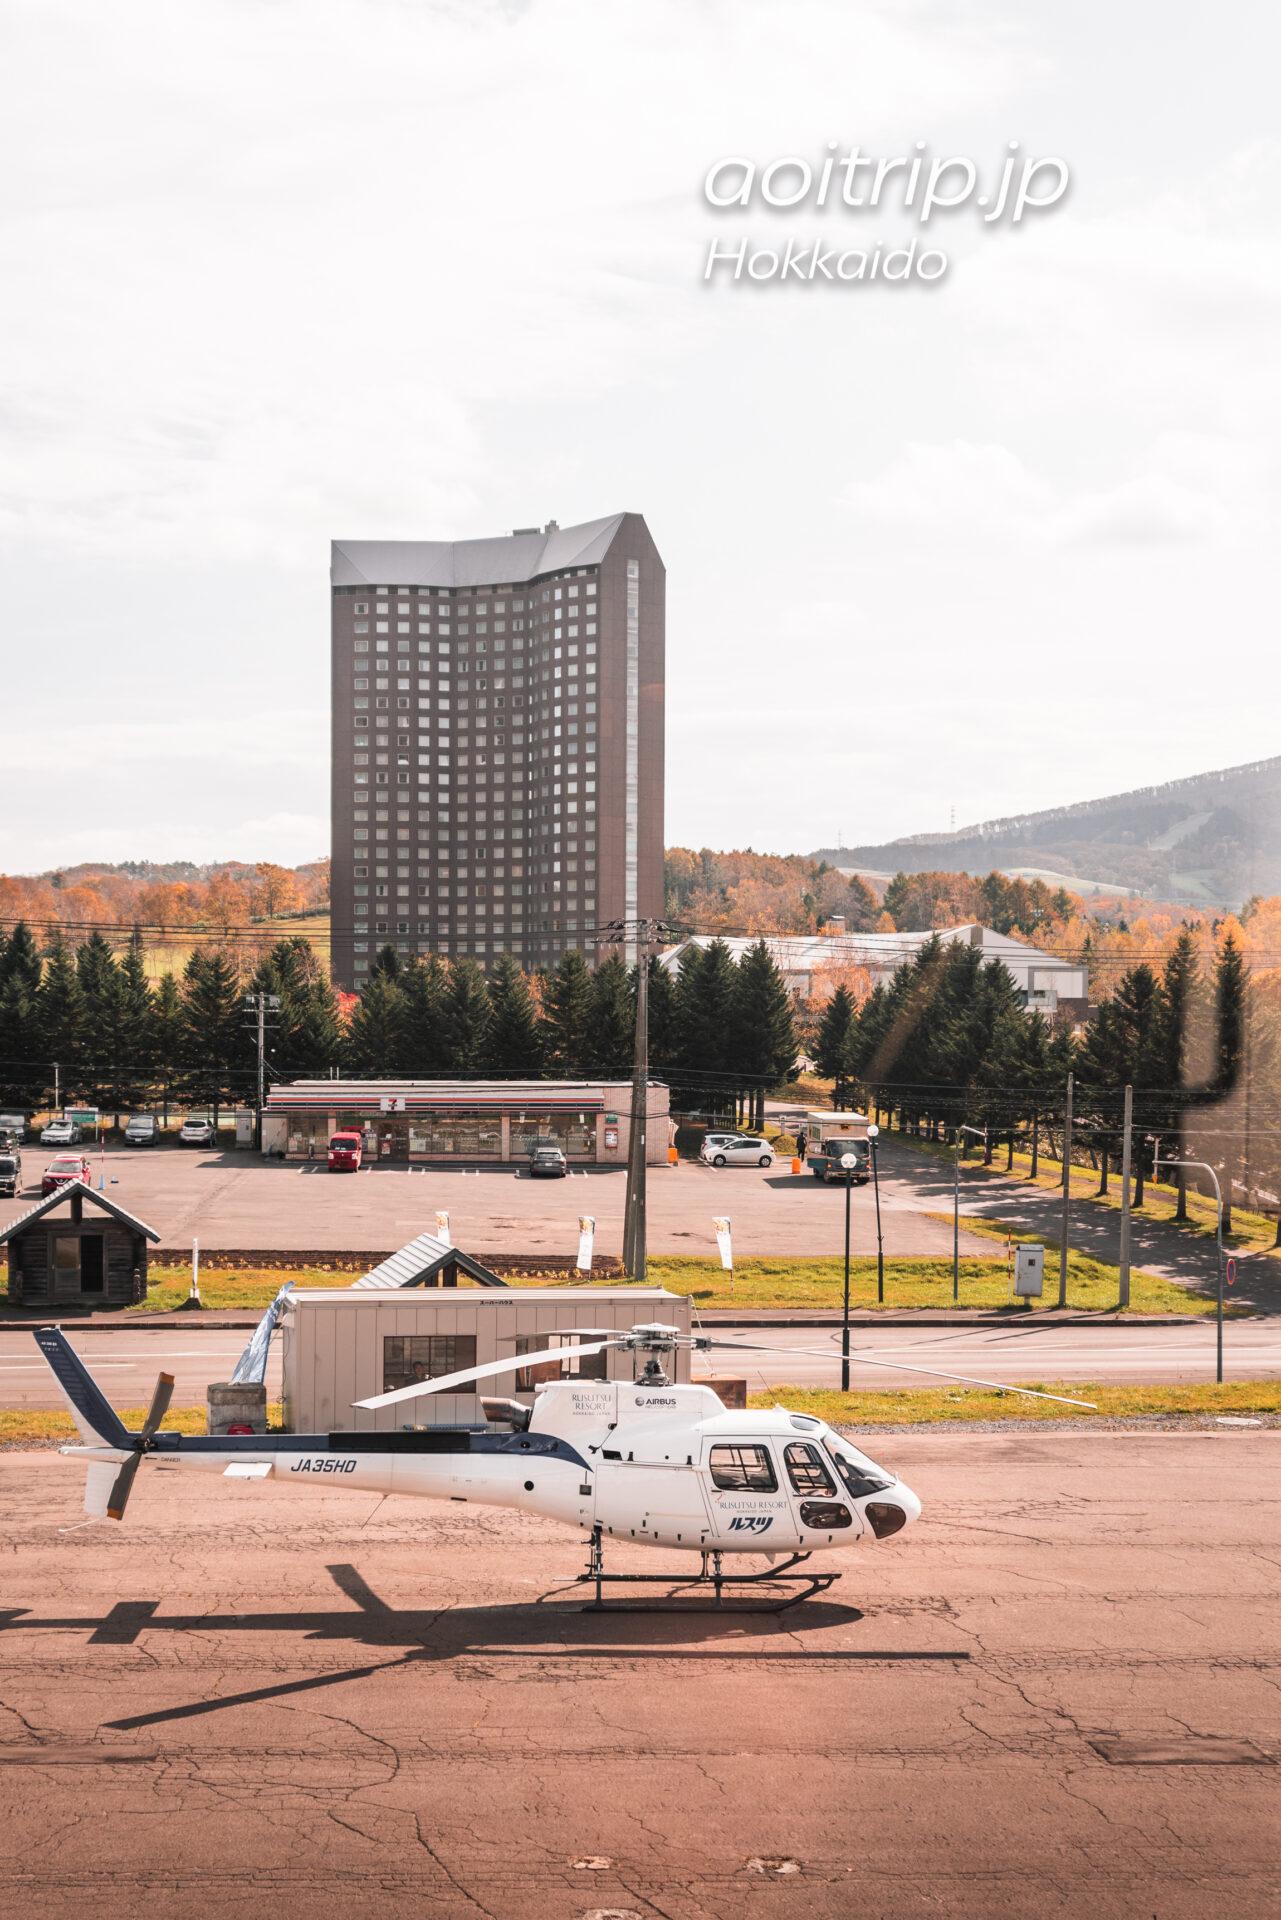 ルスツ ヘリコプター遊覧飛行